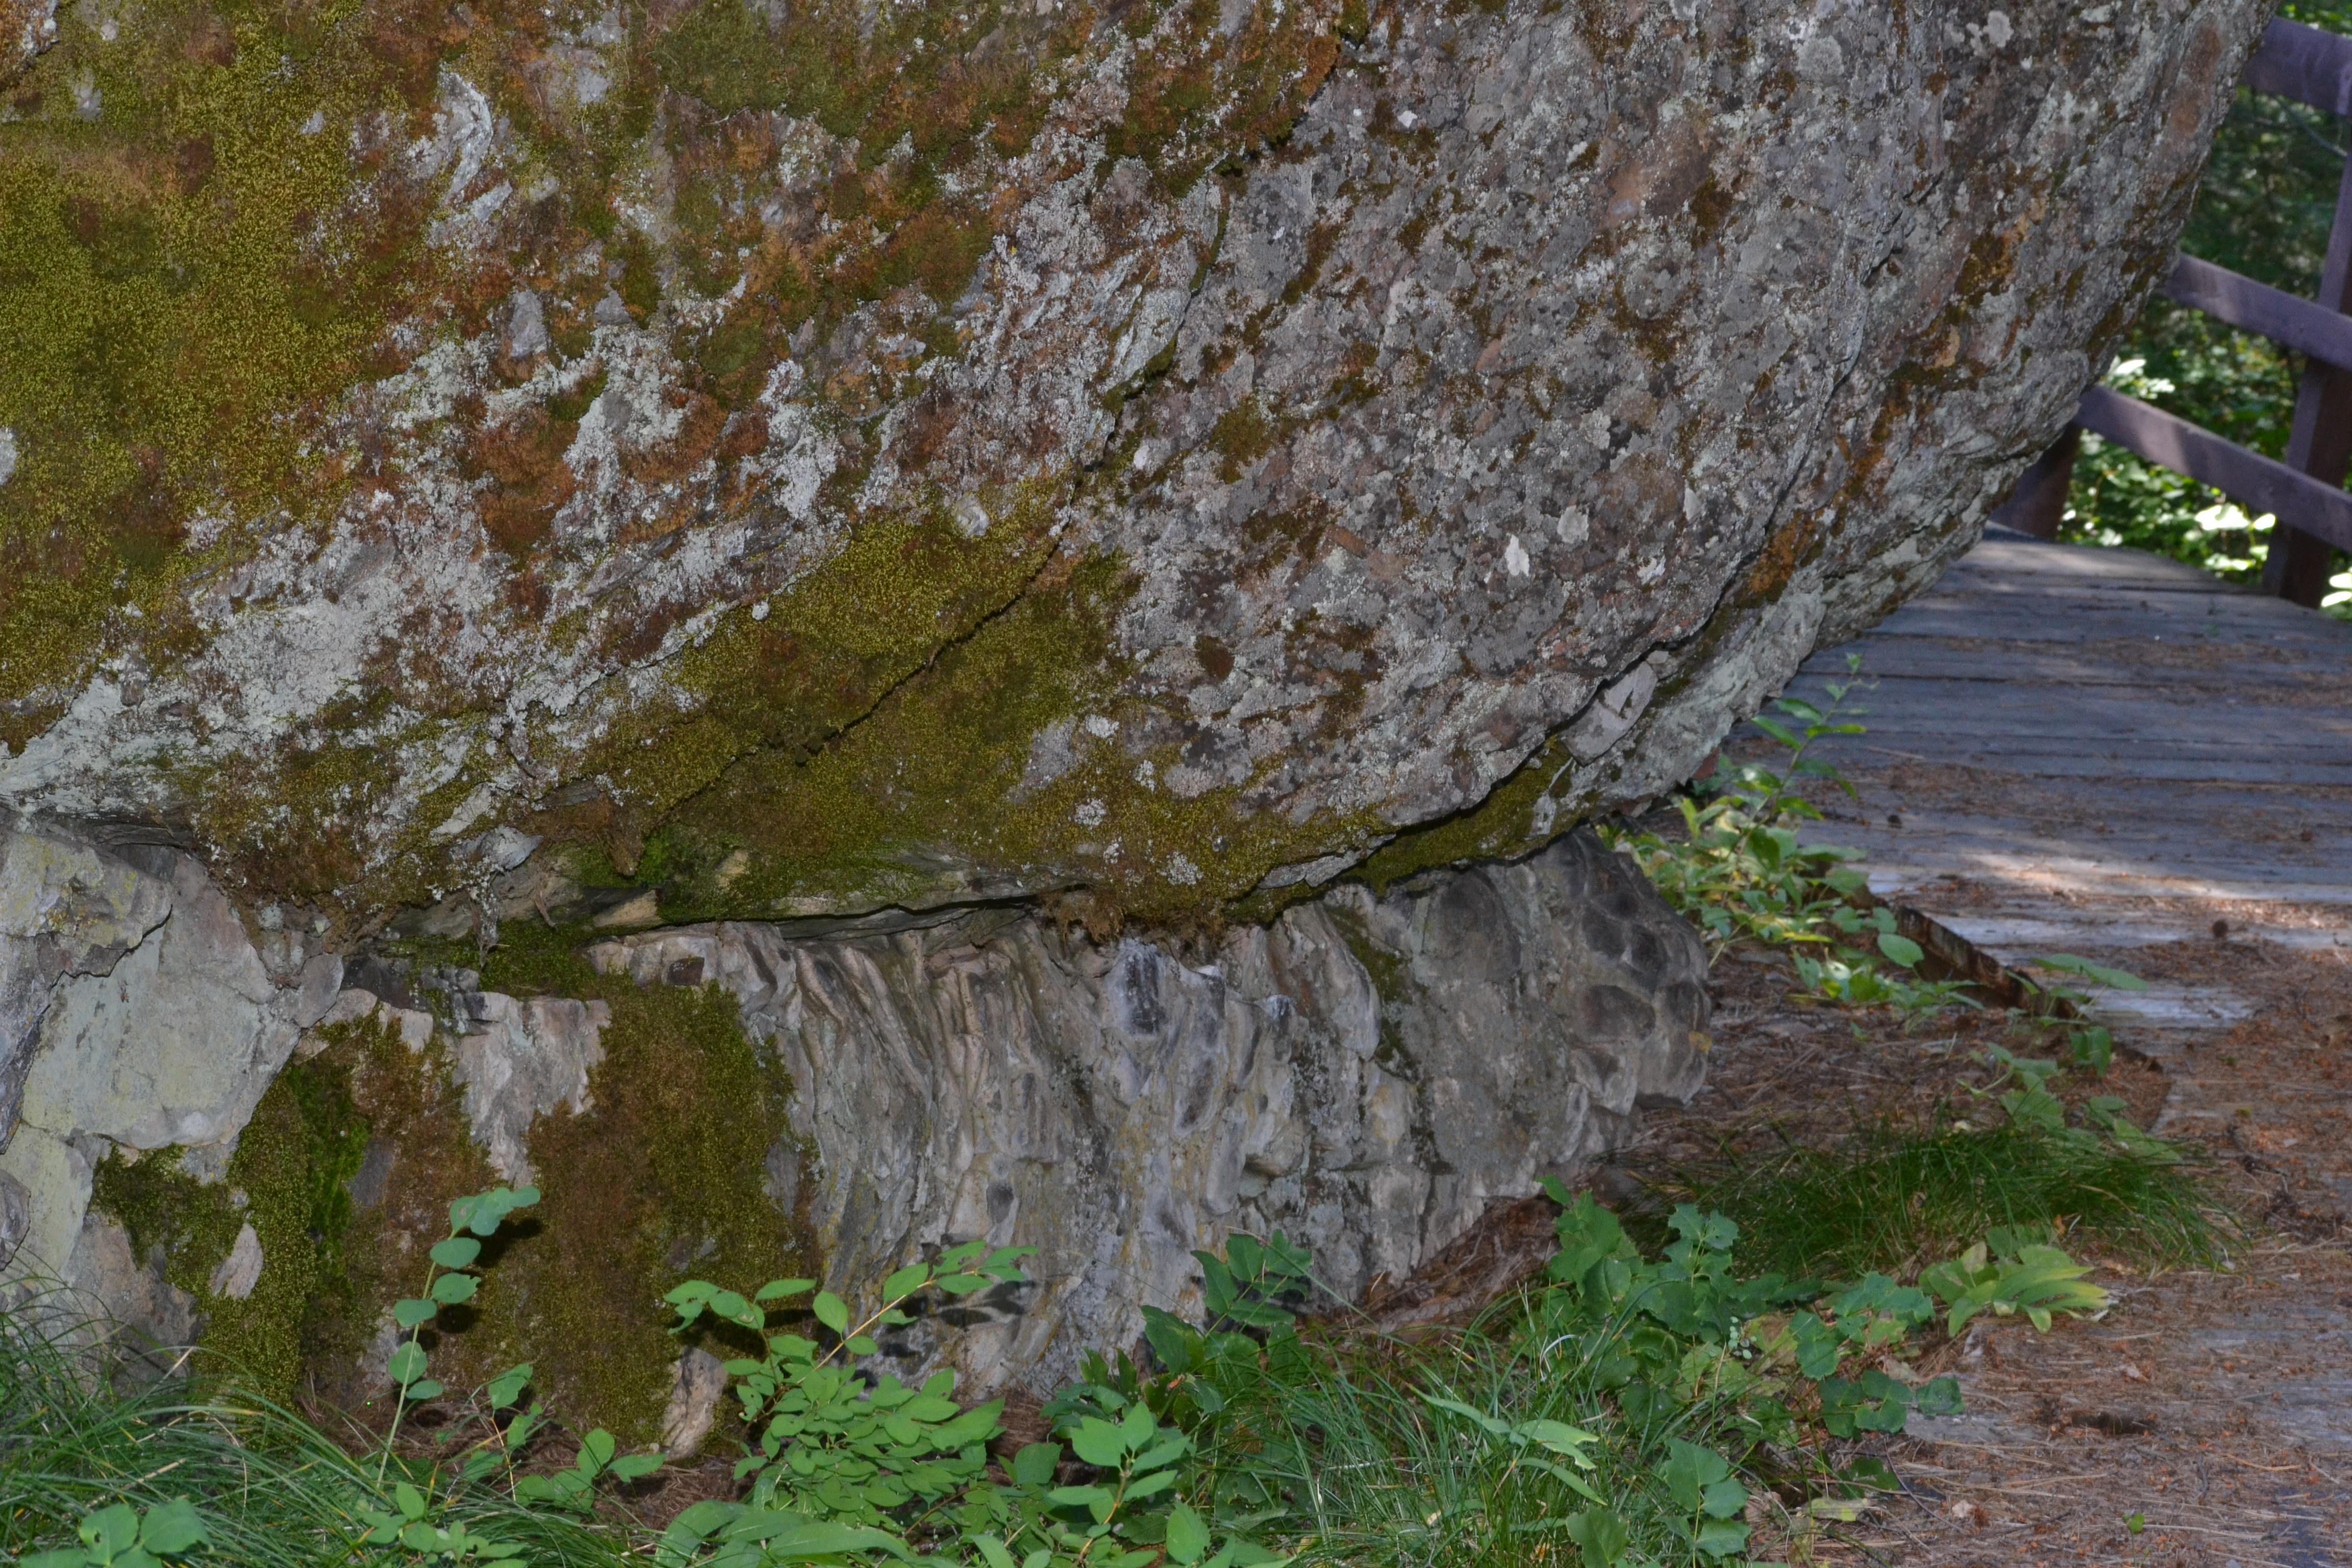 DSC_0022 (1)Huge Rock along trail in Wetmore Camp